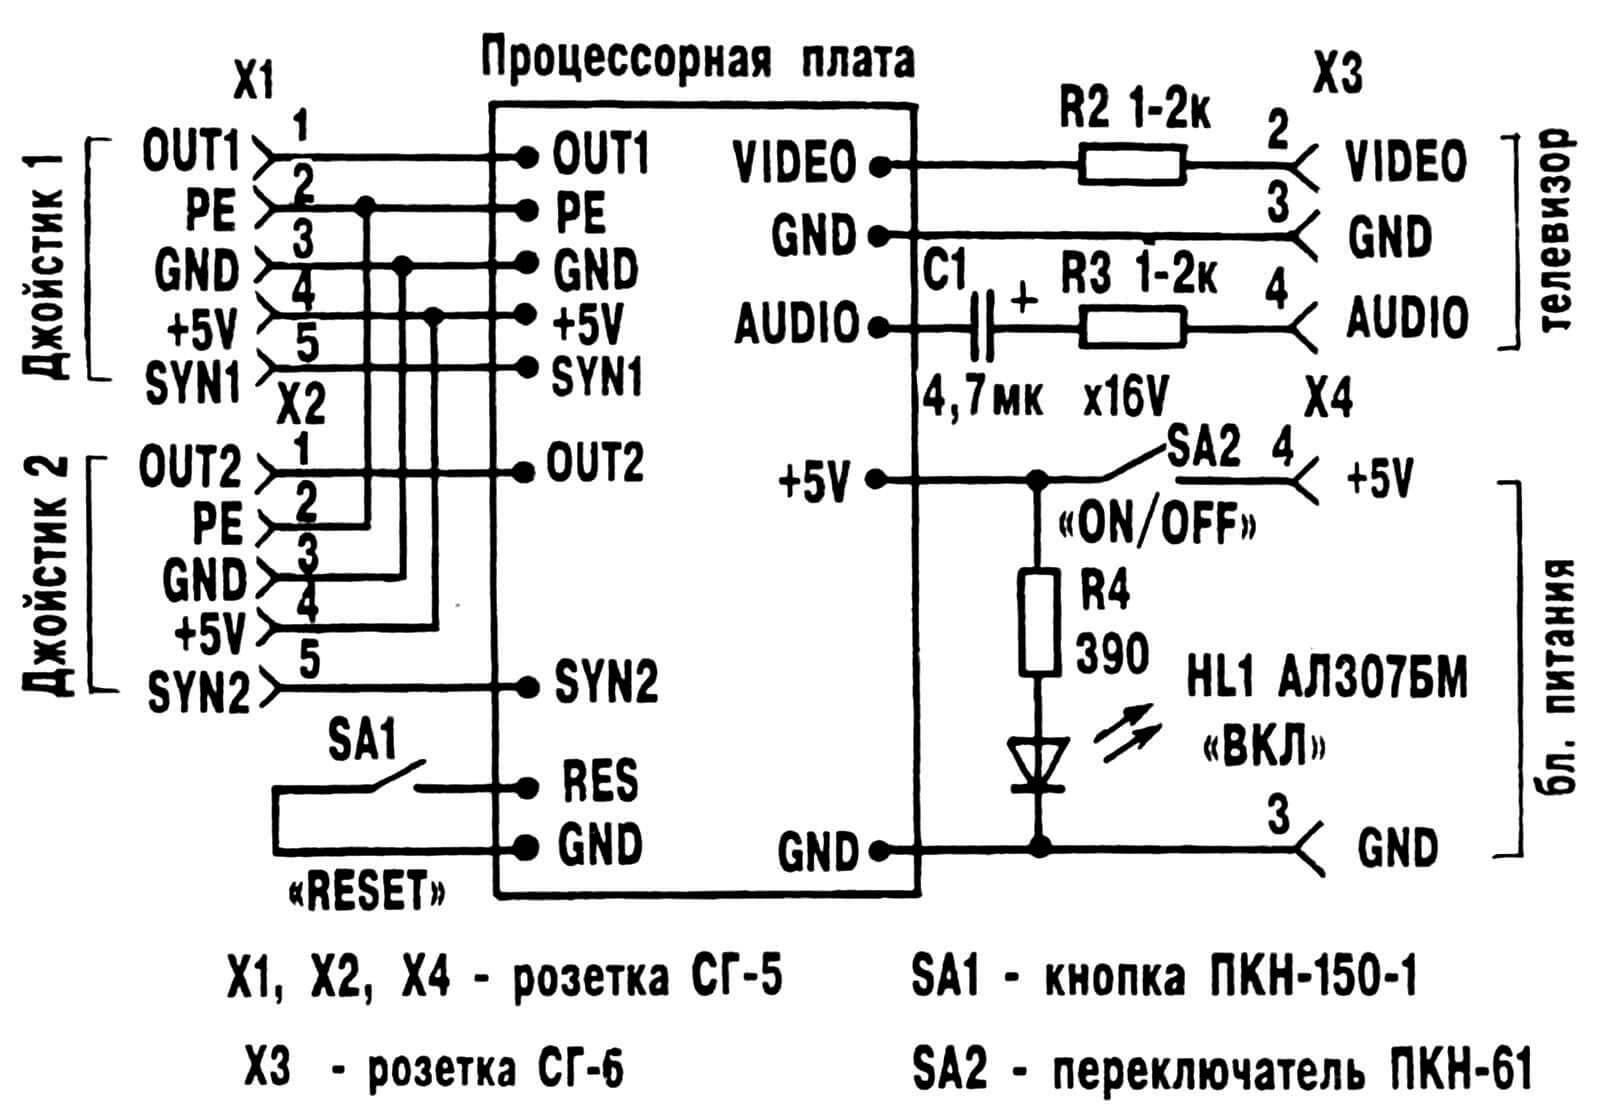 Рис. 4. Электрическая схема игровой мини-видеоприставки.